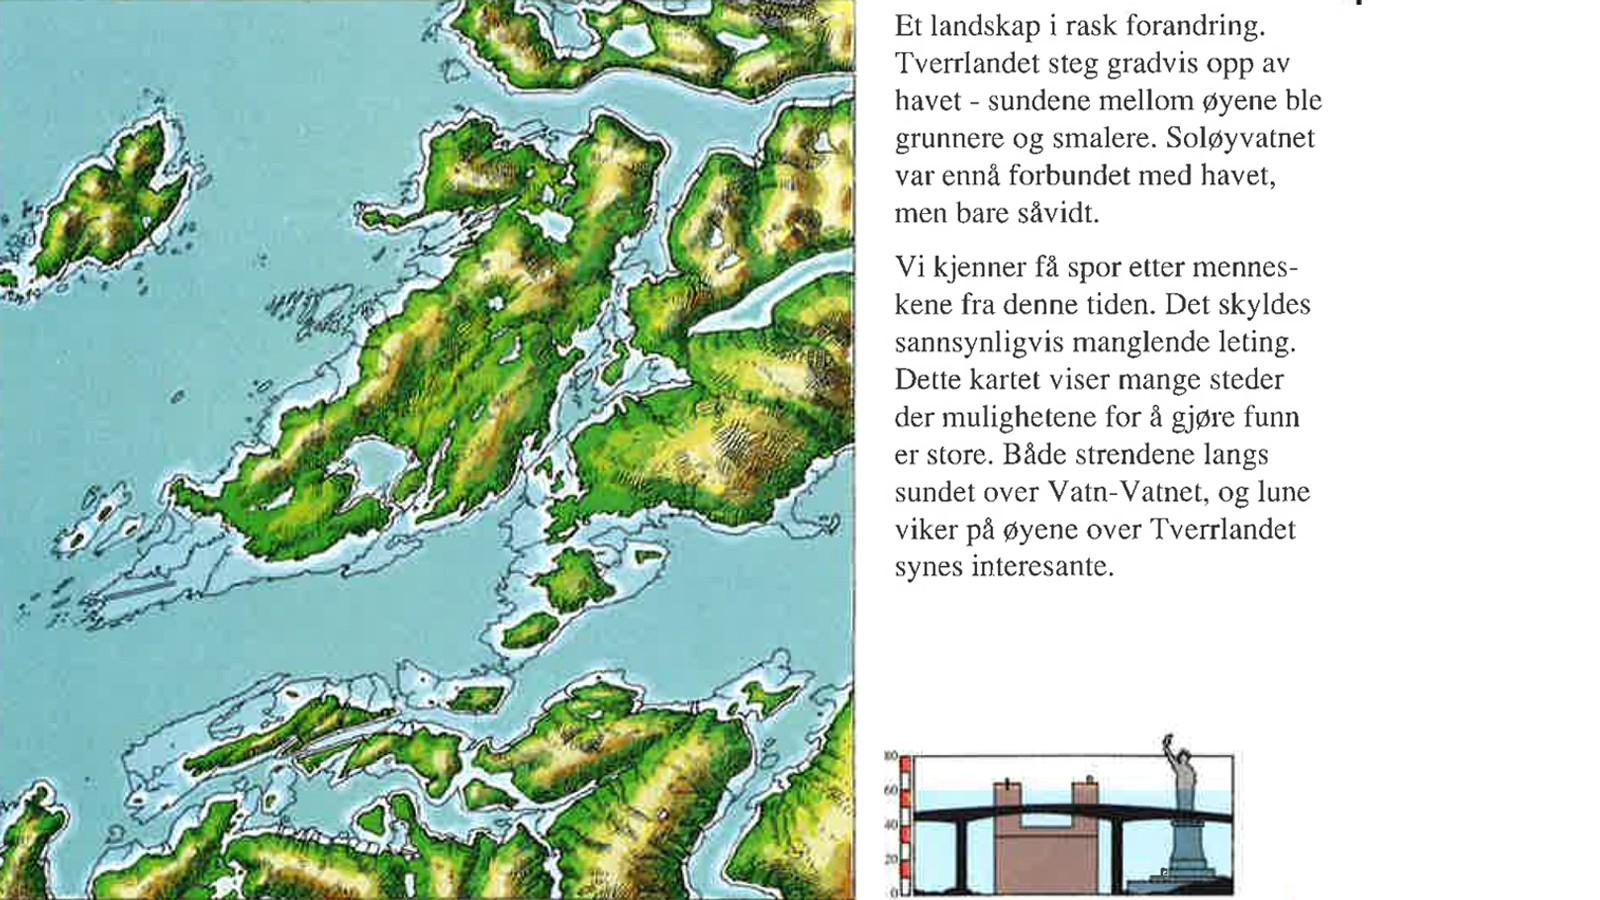 For 8000 år siden var havnivået 60 meter høyere enn i dag. Fra heftet «Spor ved Saltstraumen gjennom 10.000 år» av Hein Bjartmann Bjerck.